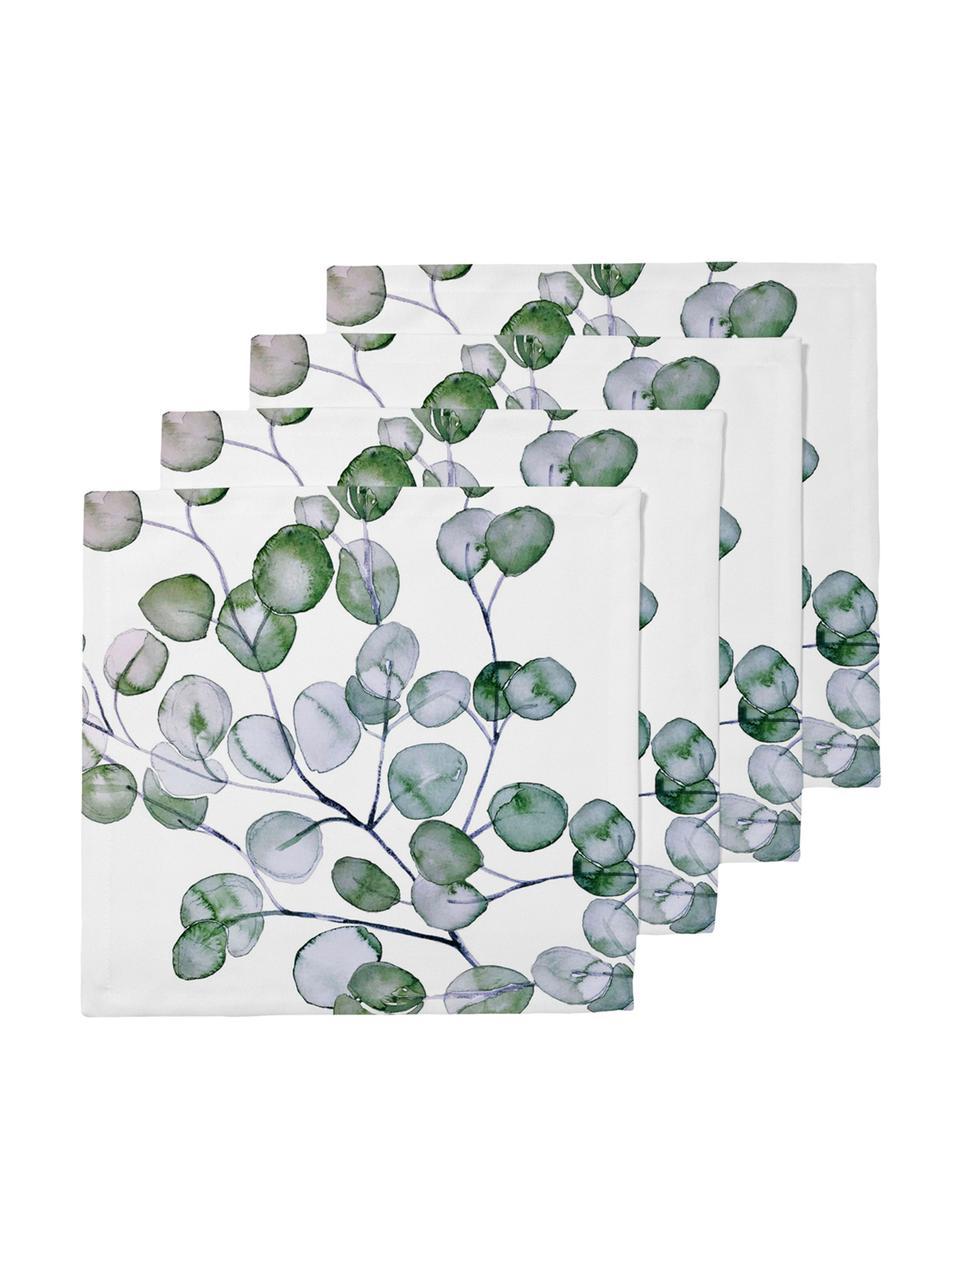 Serwetka z tkaniny Eucalyptus, 4 szt., Bawełna, Biały, zielony, szary, S 40 x D 40 cm